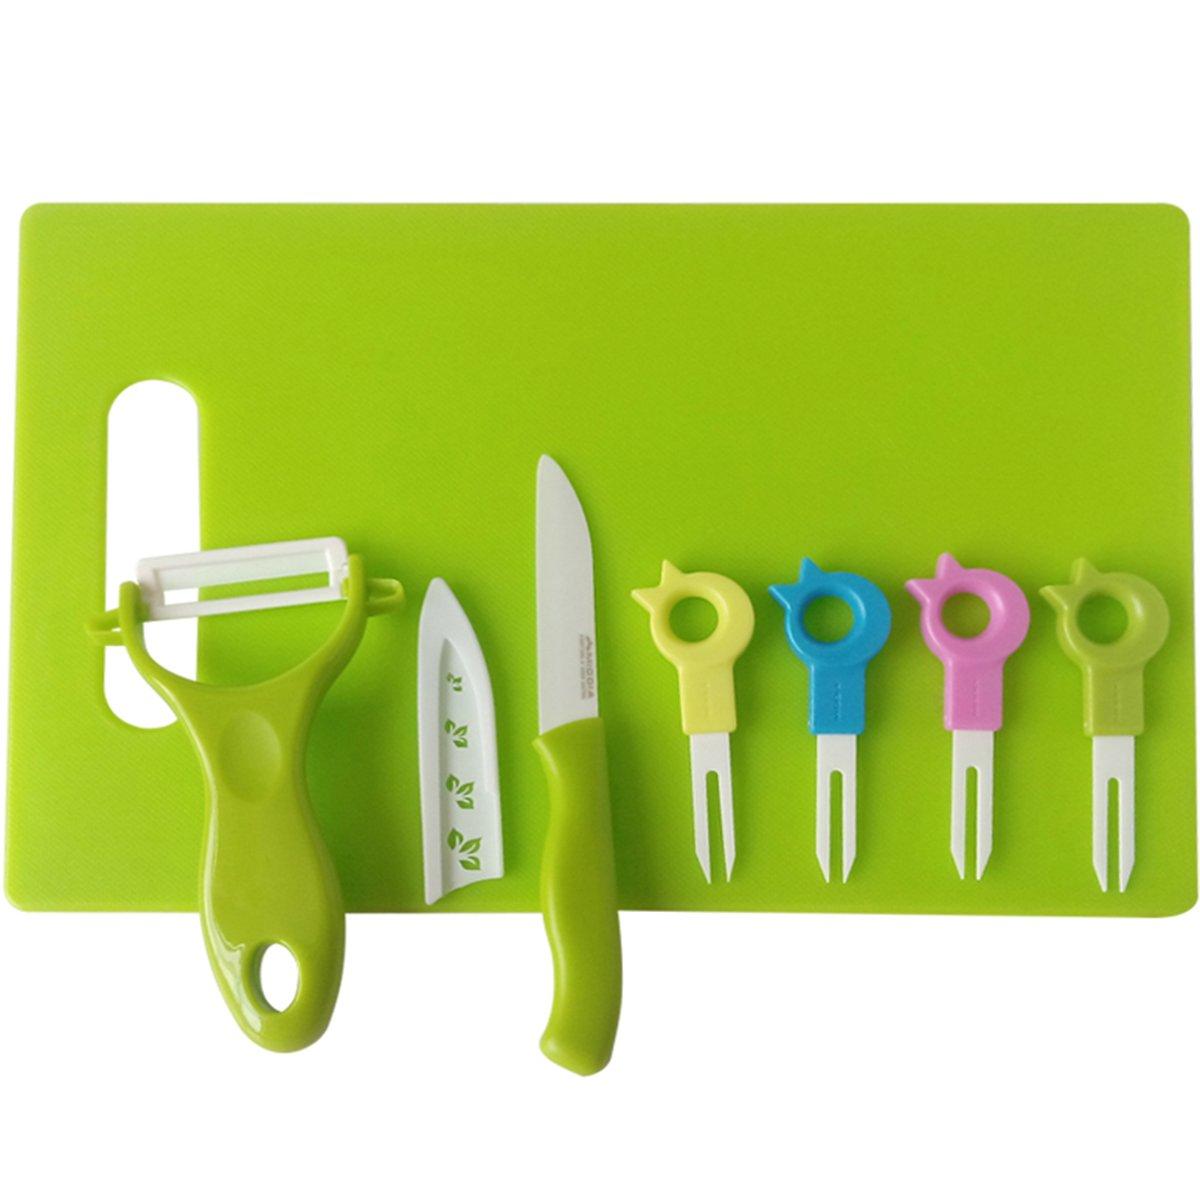 美帝亚 陶瓷刀套装水果刀叉8件套小鸟水果叉抗菌卫生便携果签餐具